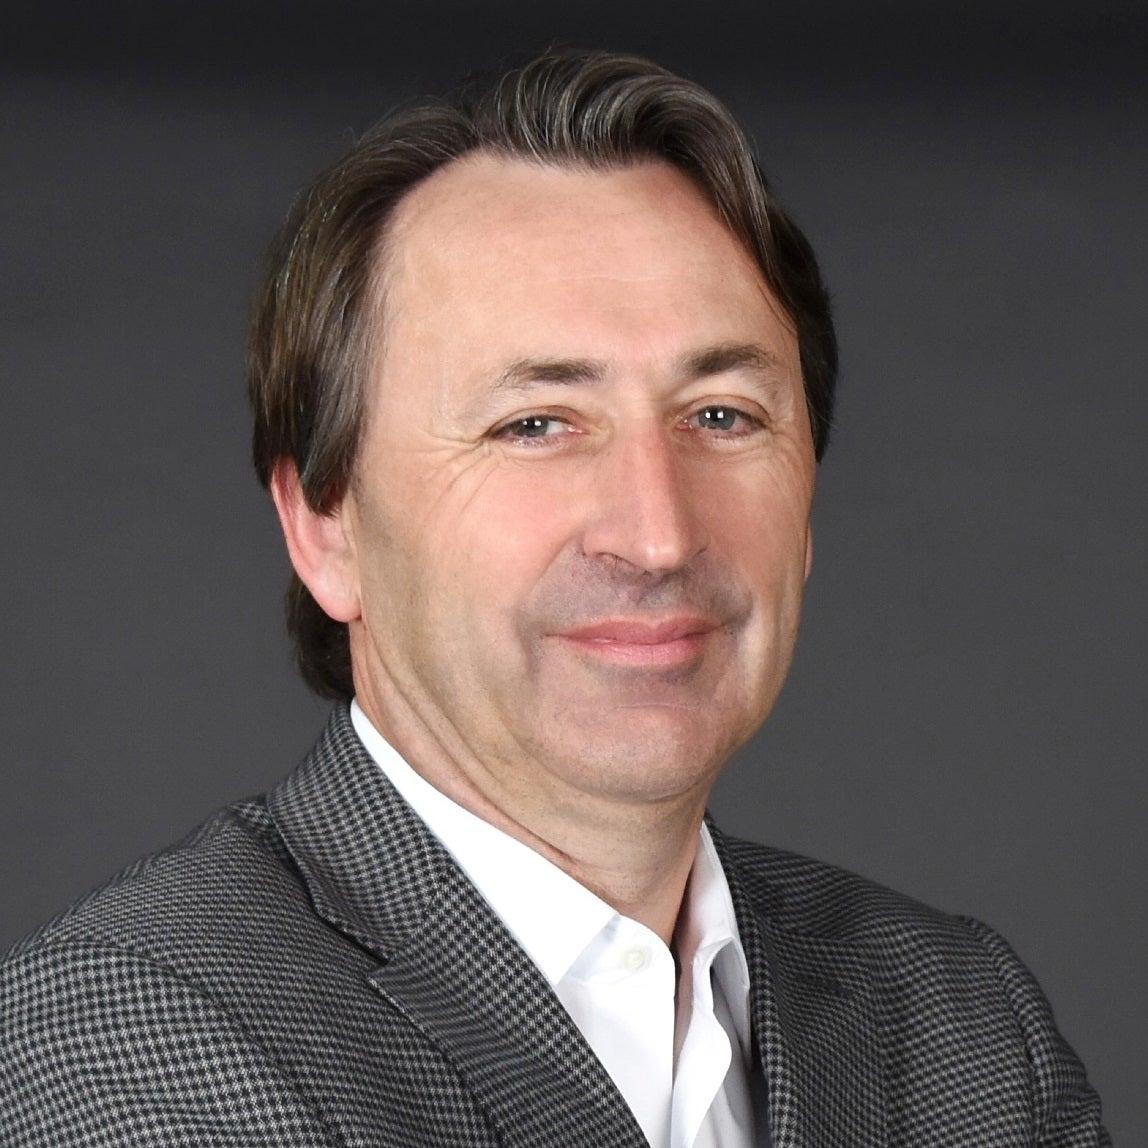 Andrew Powell